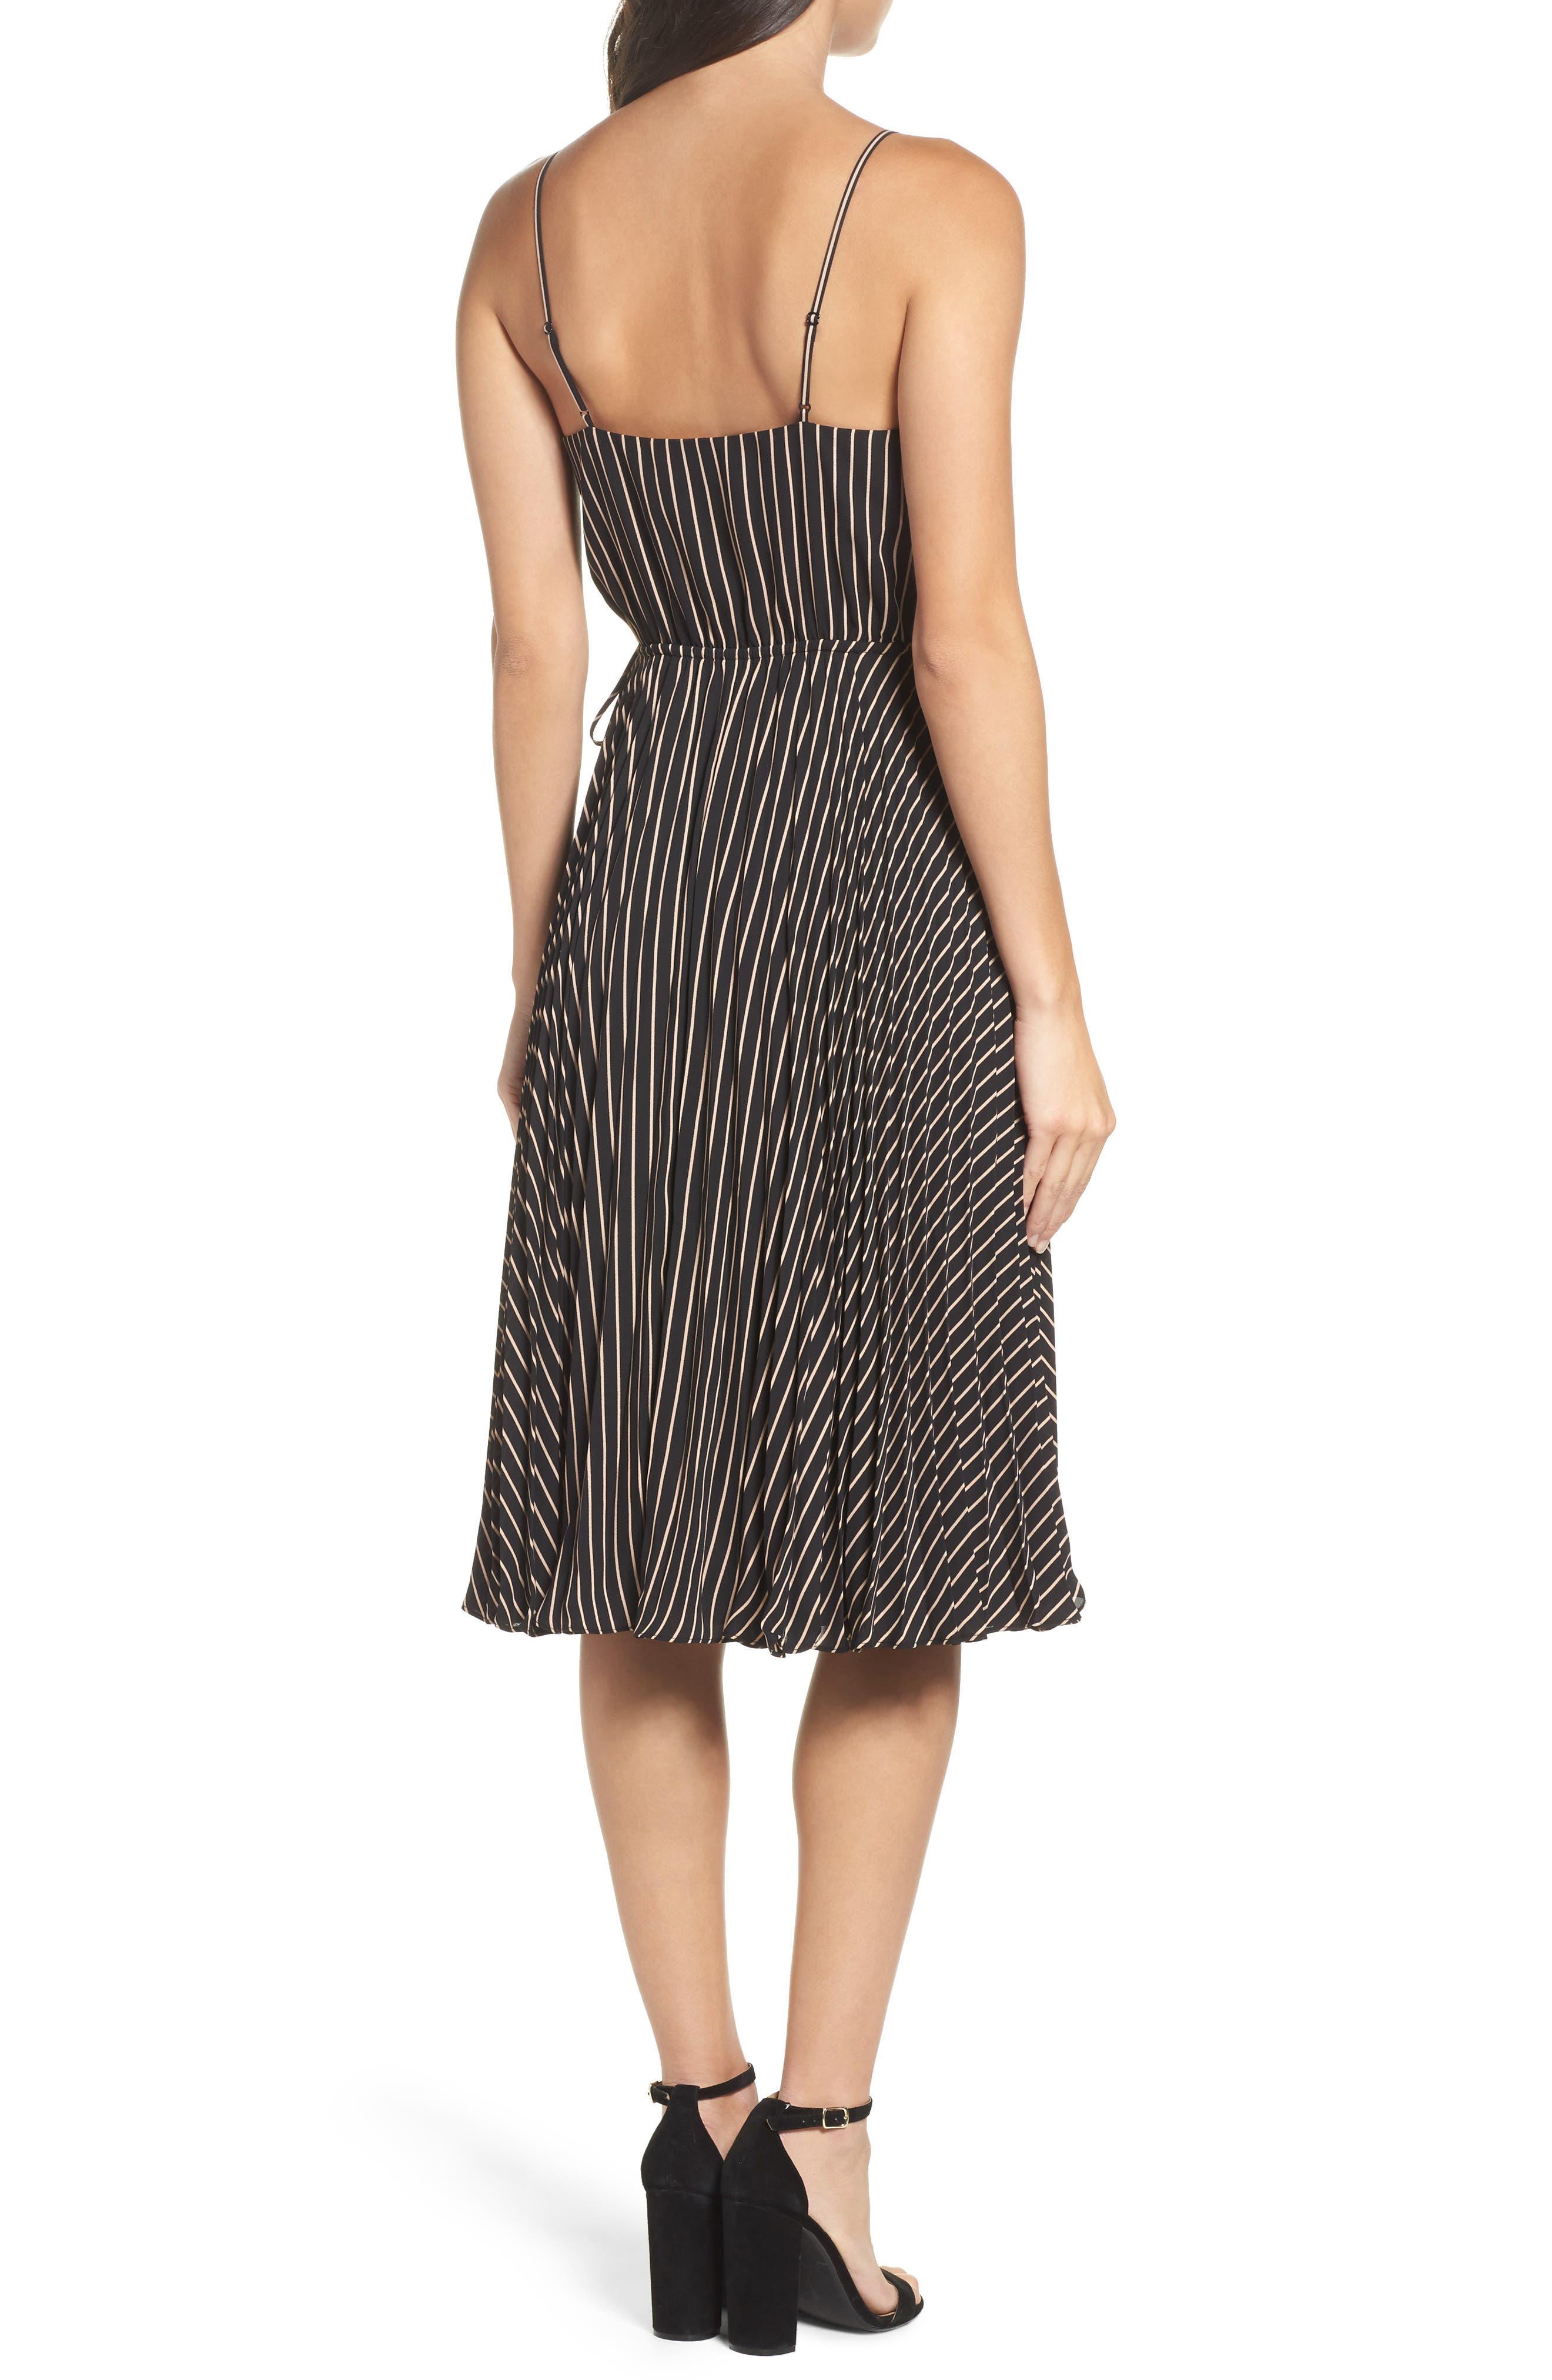 Like a Boss Midi Dress,                             Alternate thumbnail 2, color,                             Black/ Tan Stripe